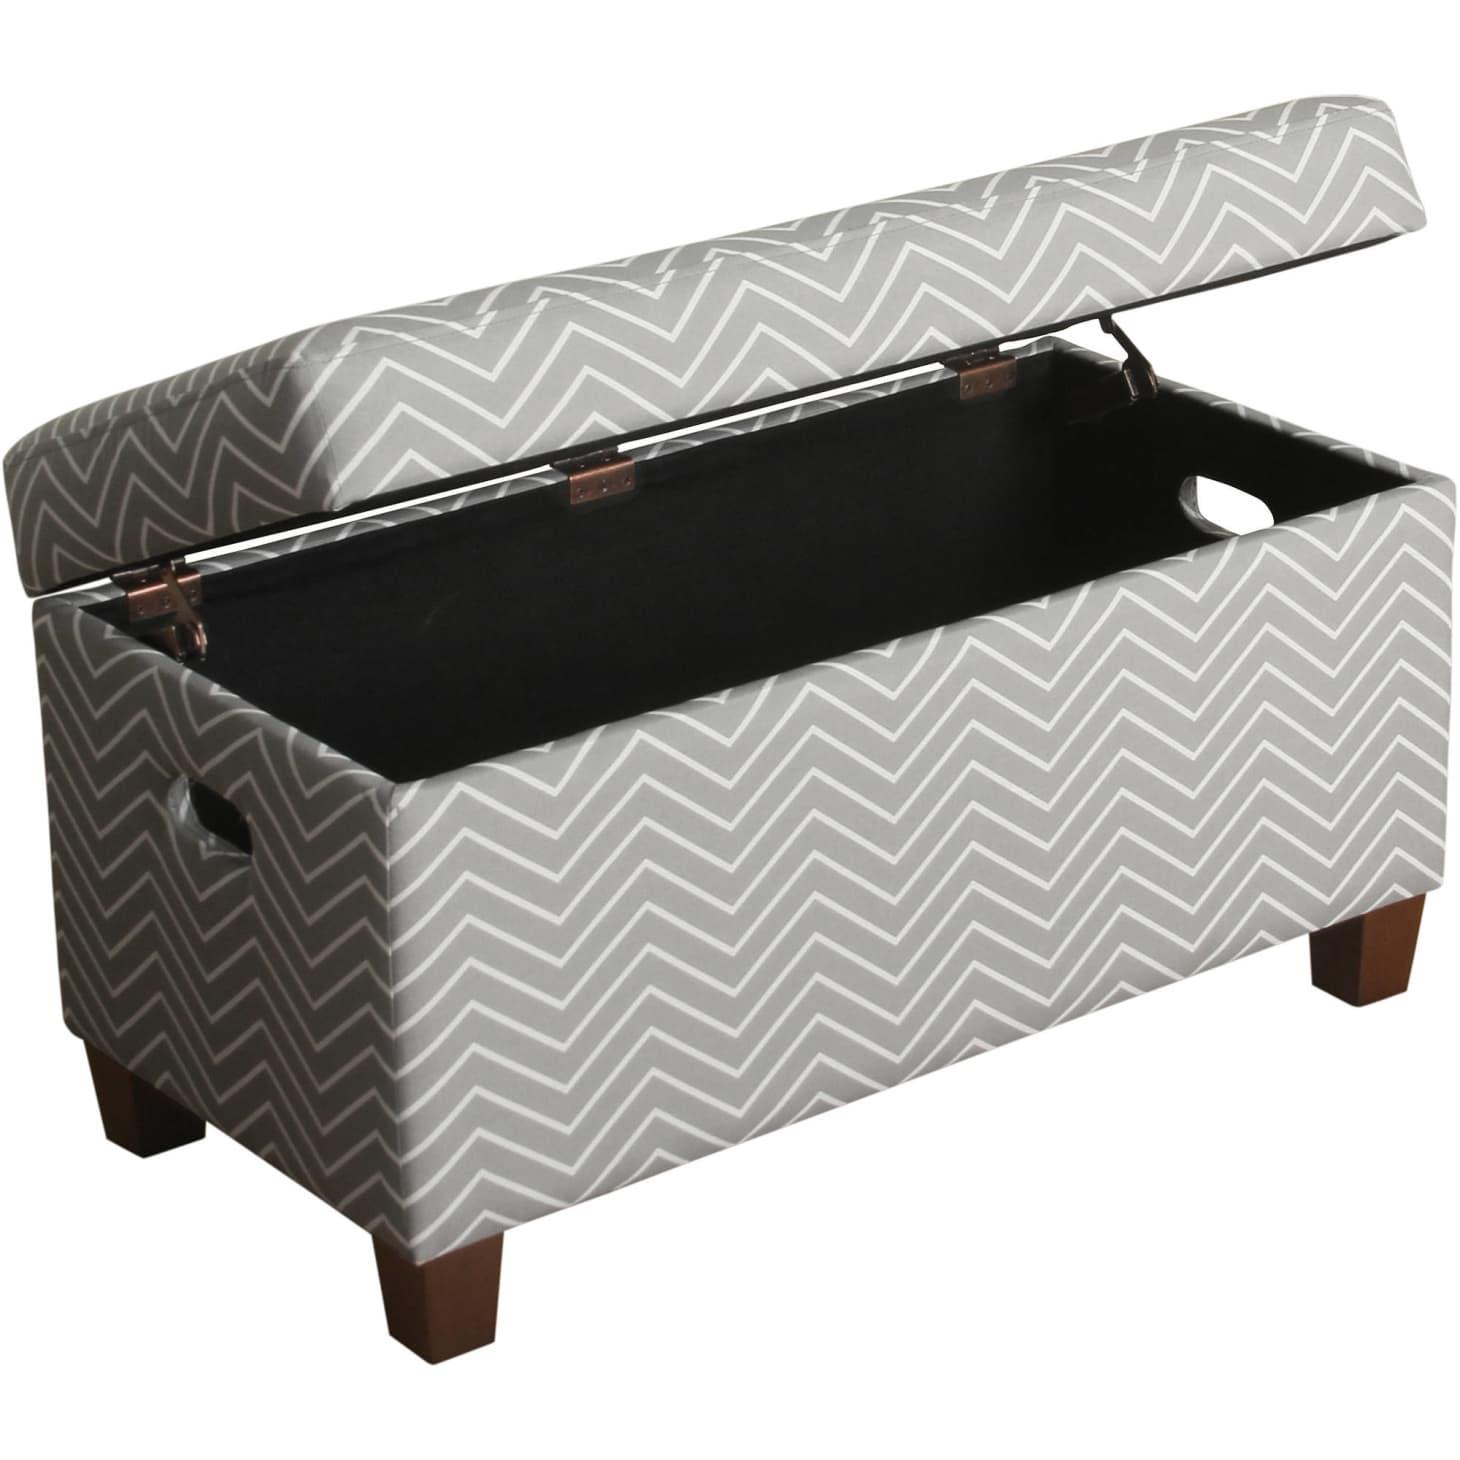 Target Statement Furniture Online